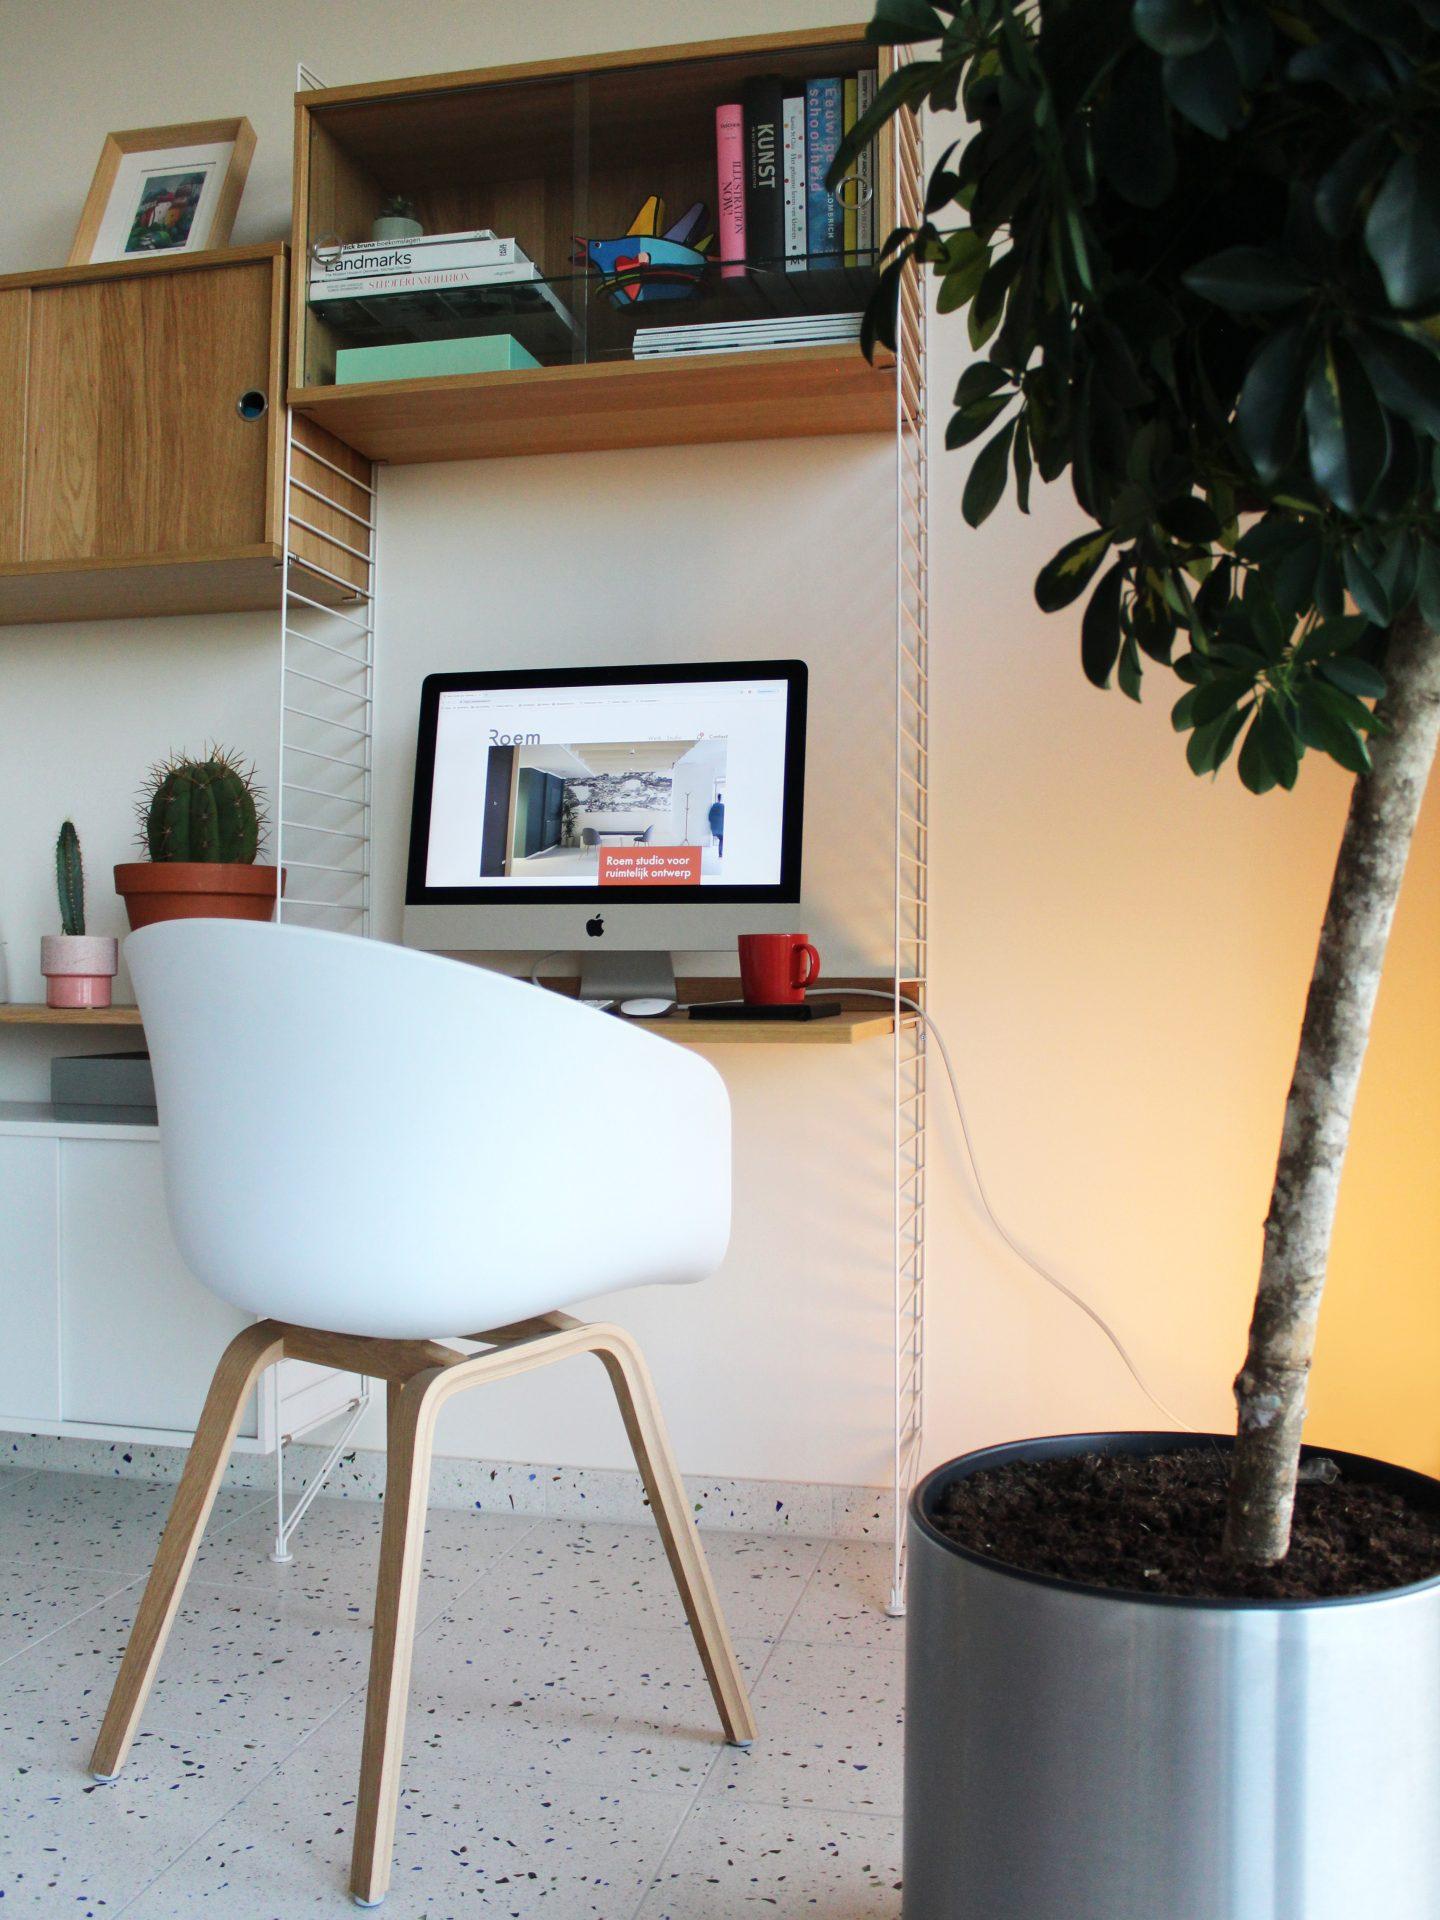 wandkast met thuiswerk bureau